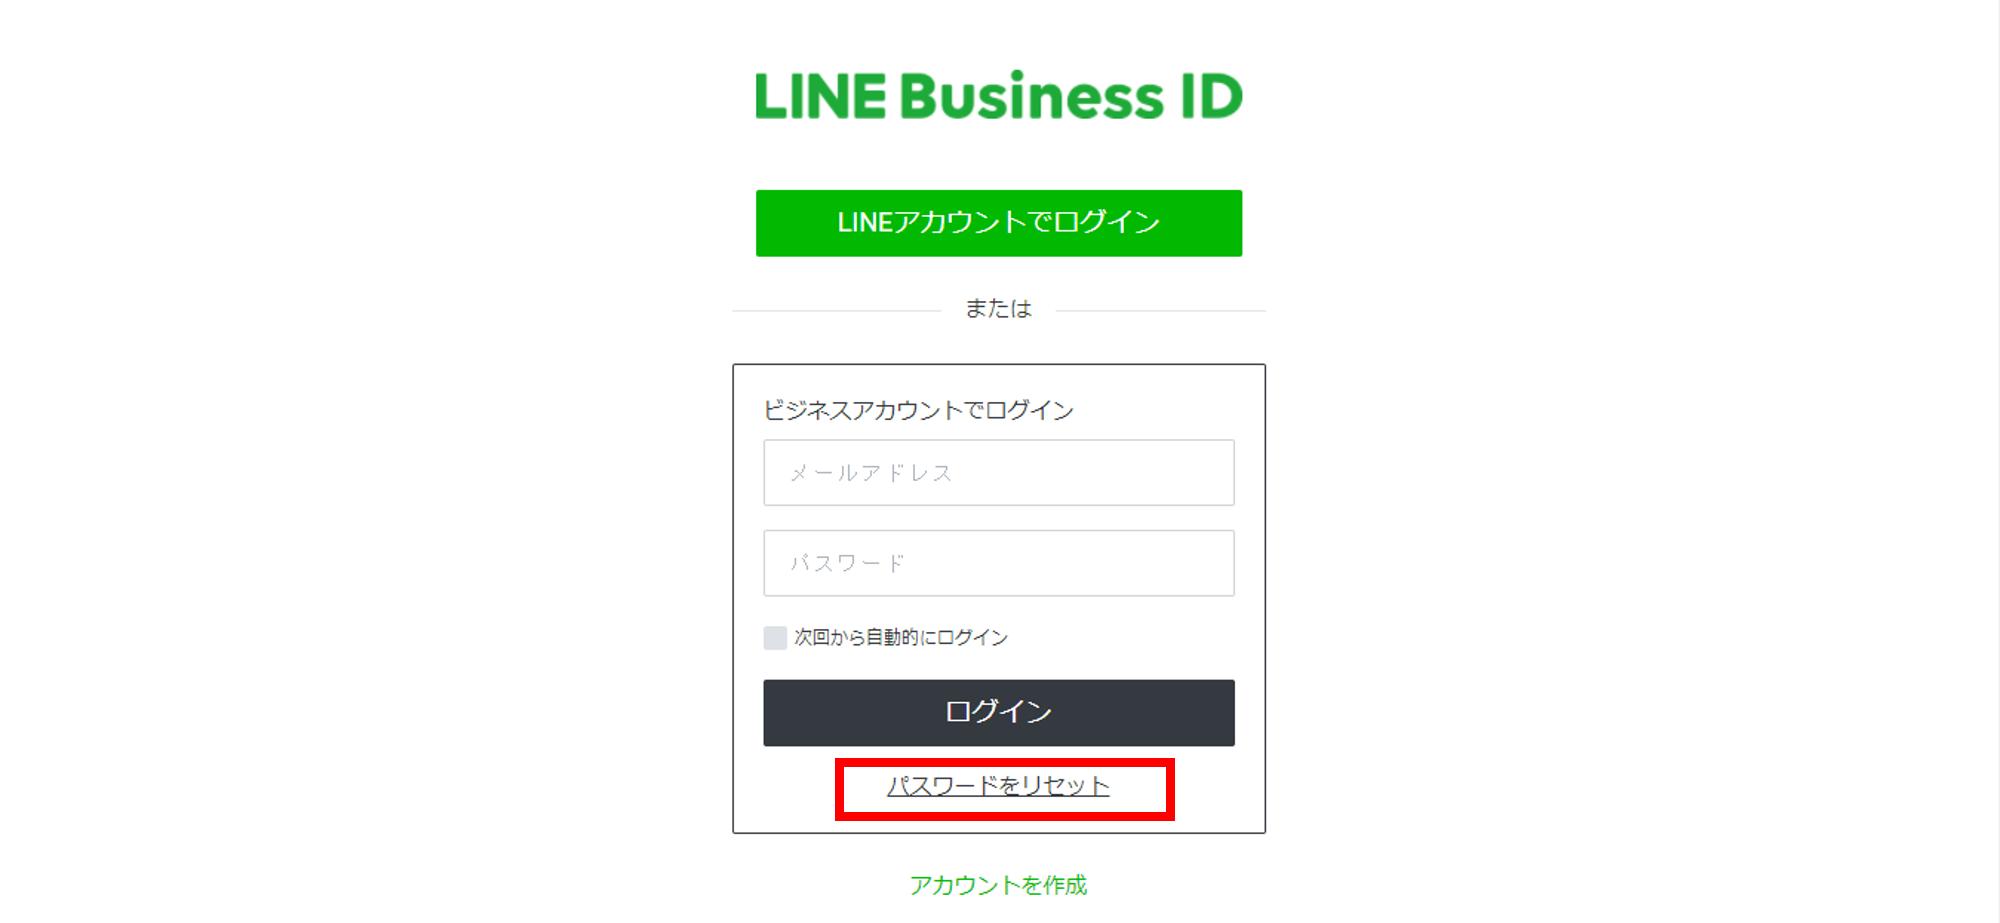 アカウント line ビジネス